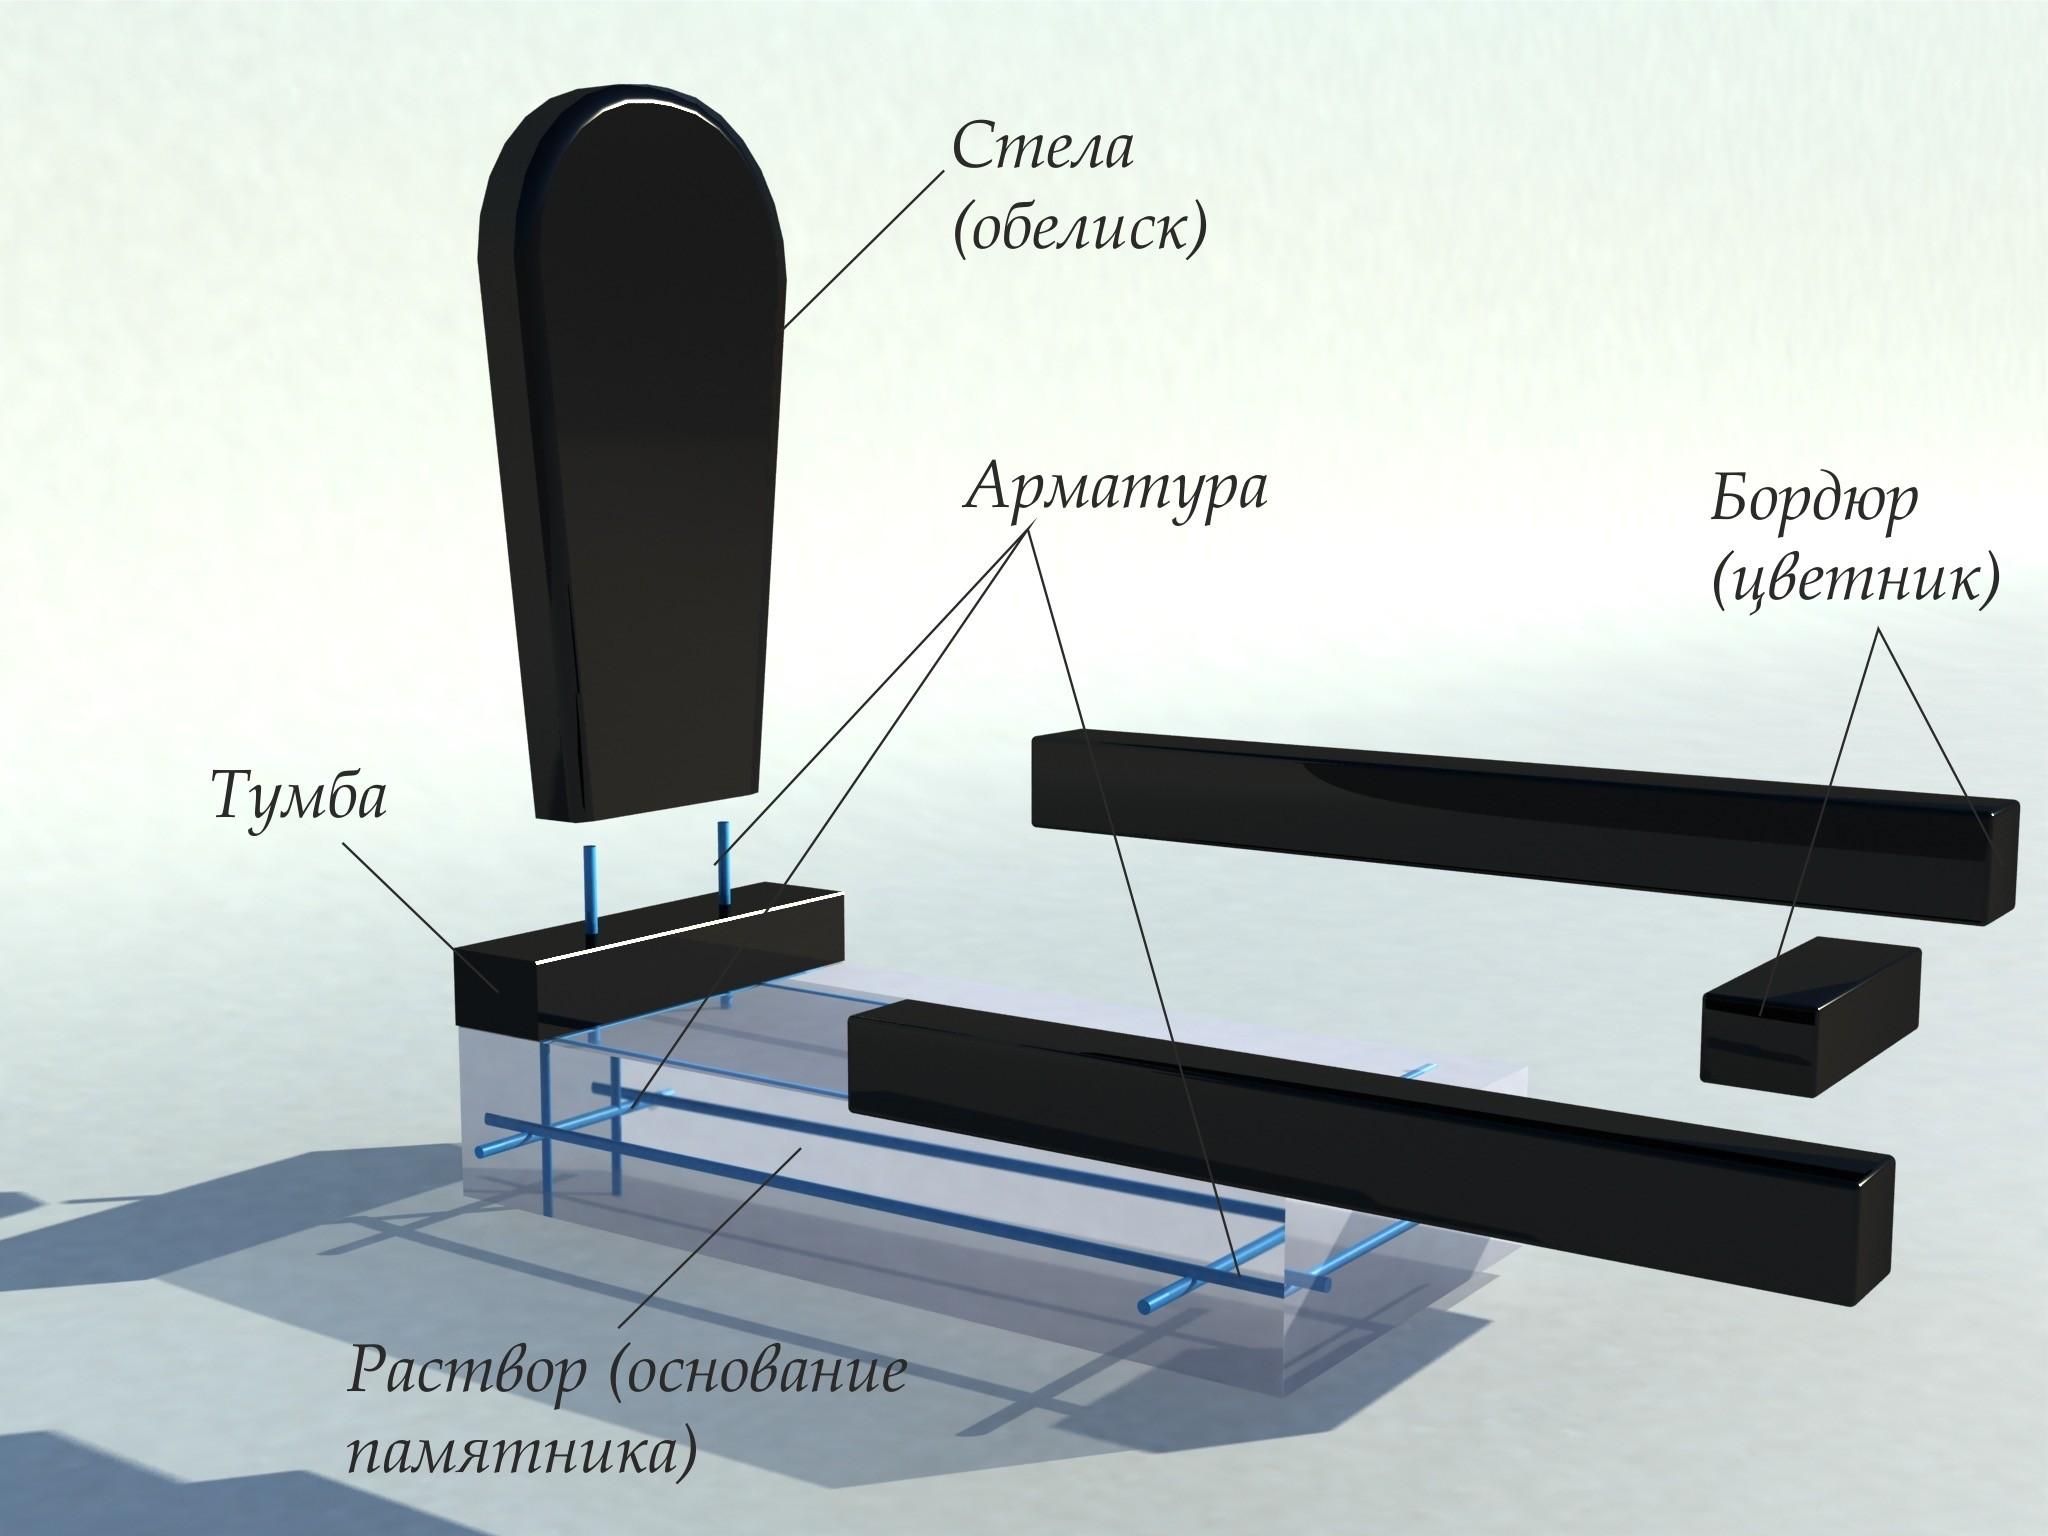 Схема установки памятника, установка памятника